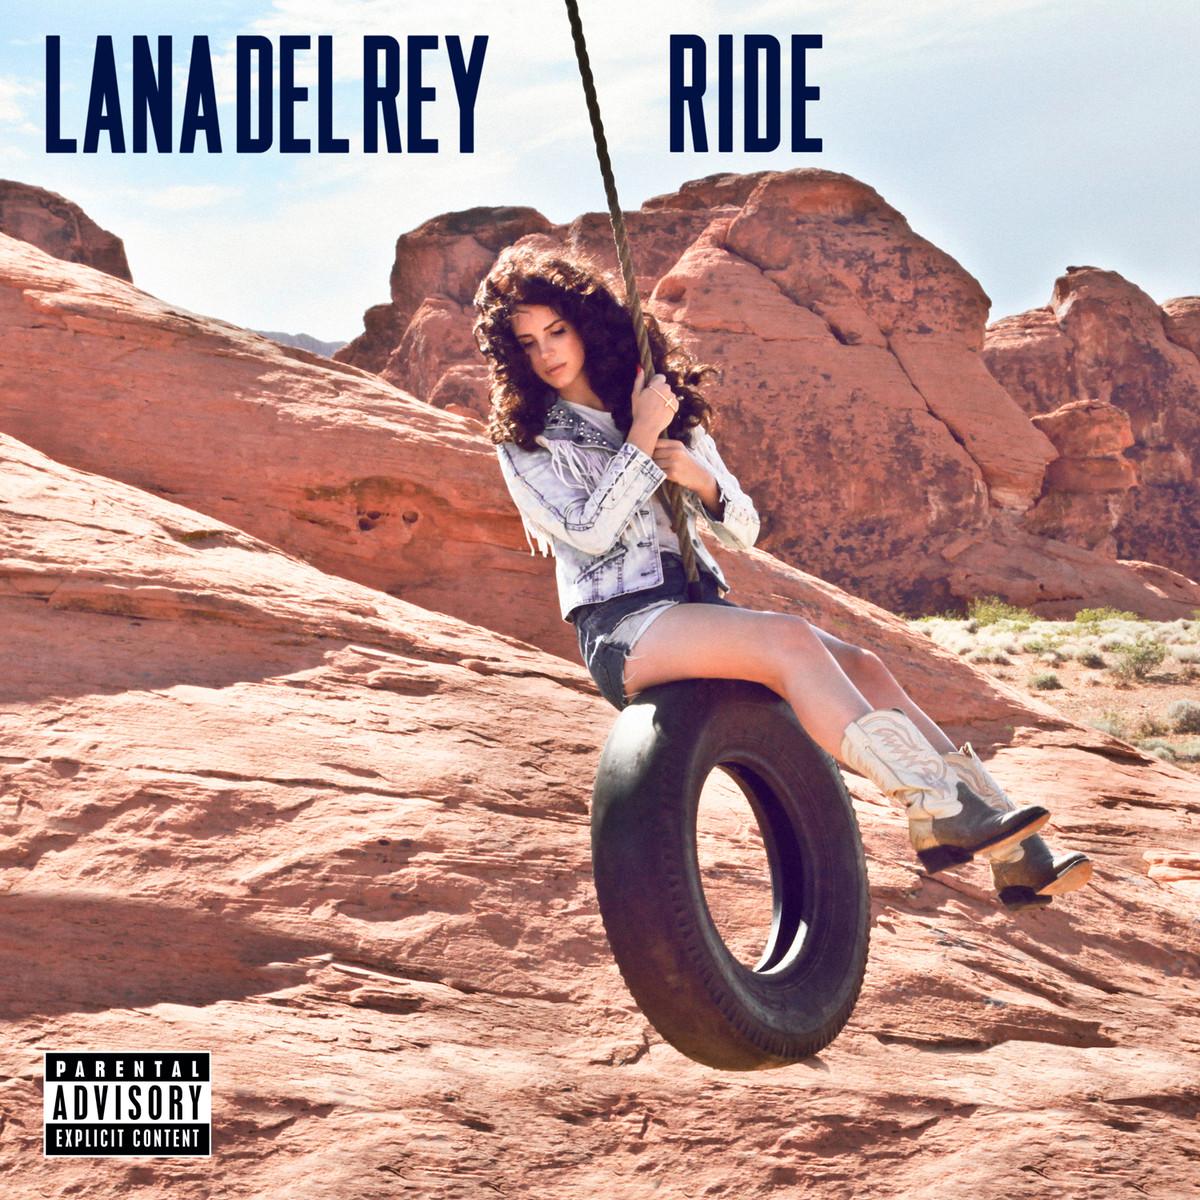 http://3.bp.blogspot.com/-I5CXAAhIbNA/UKiJyXTQzrI/AAAAAAAANQU/2THPGbuaQPw/s1600/Lana-Del-Rey-Ride-1200x1200-2012.png